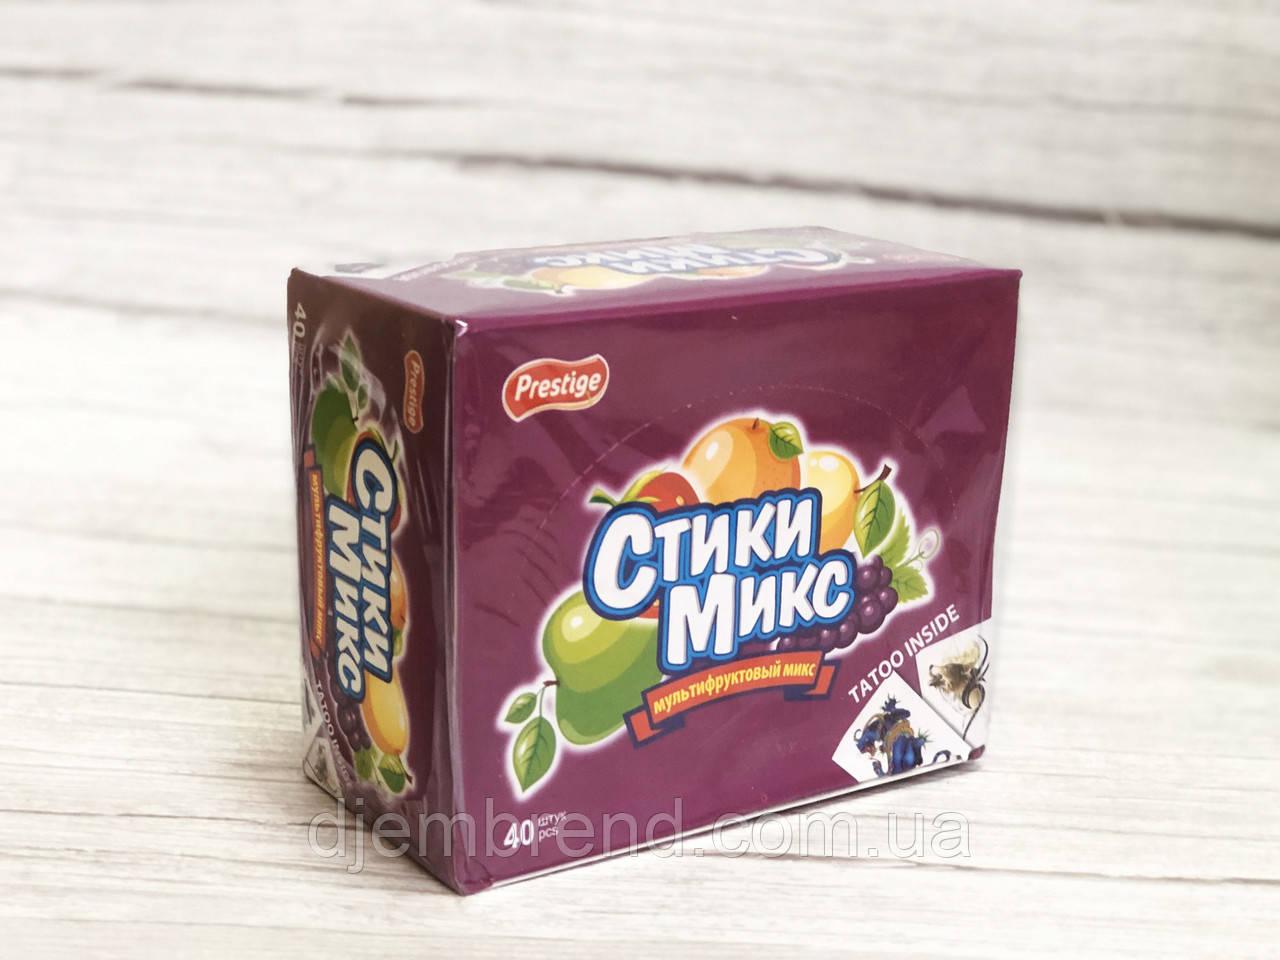 Жевательные конфеты Prestige стики микс , 7 гр х 40 шт